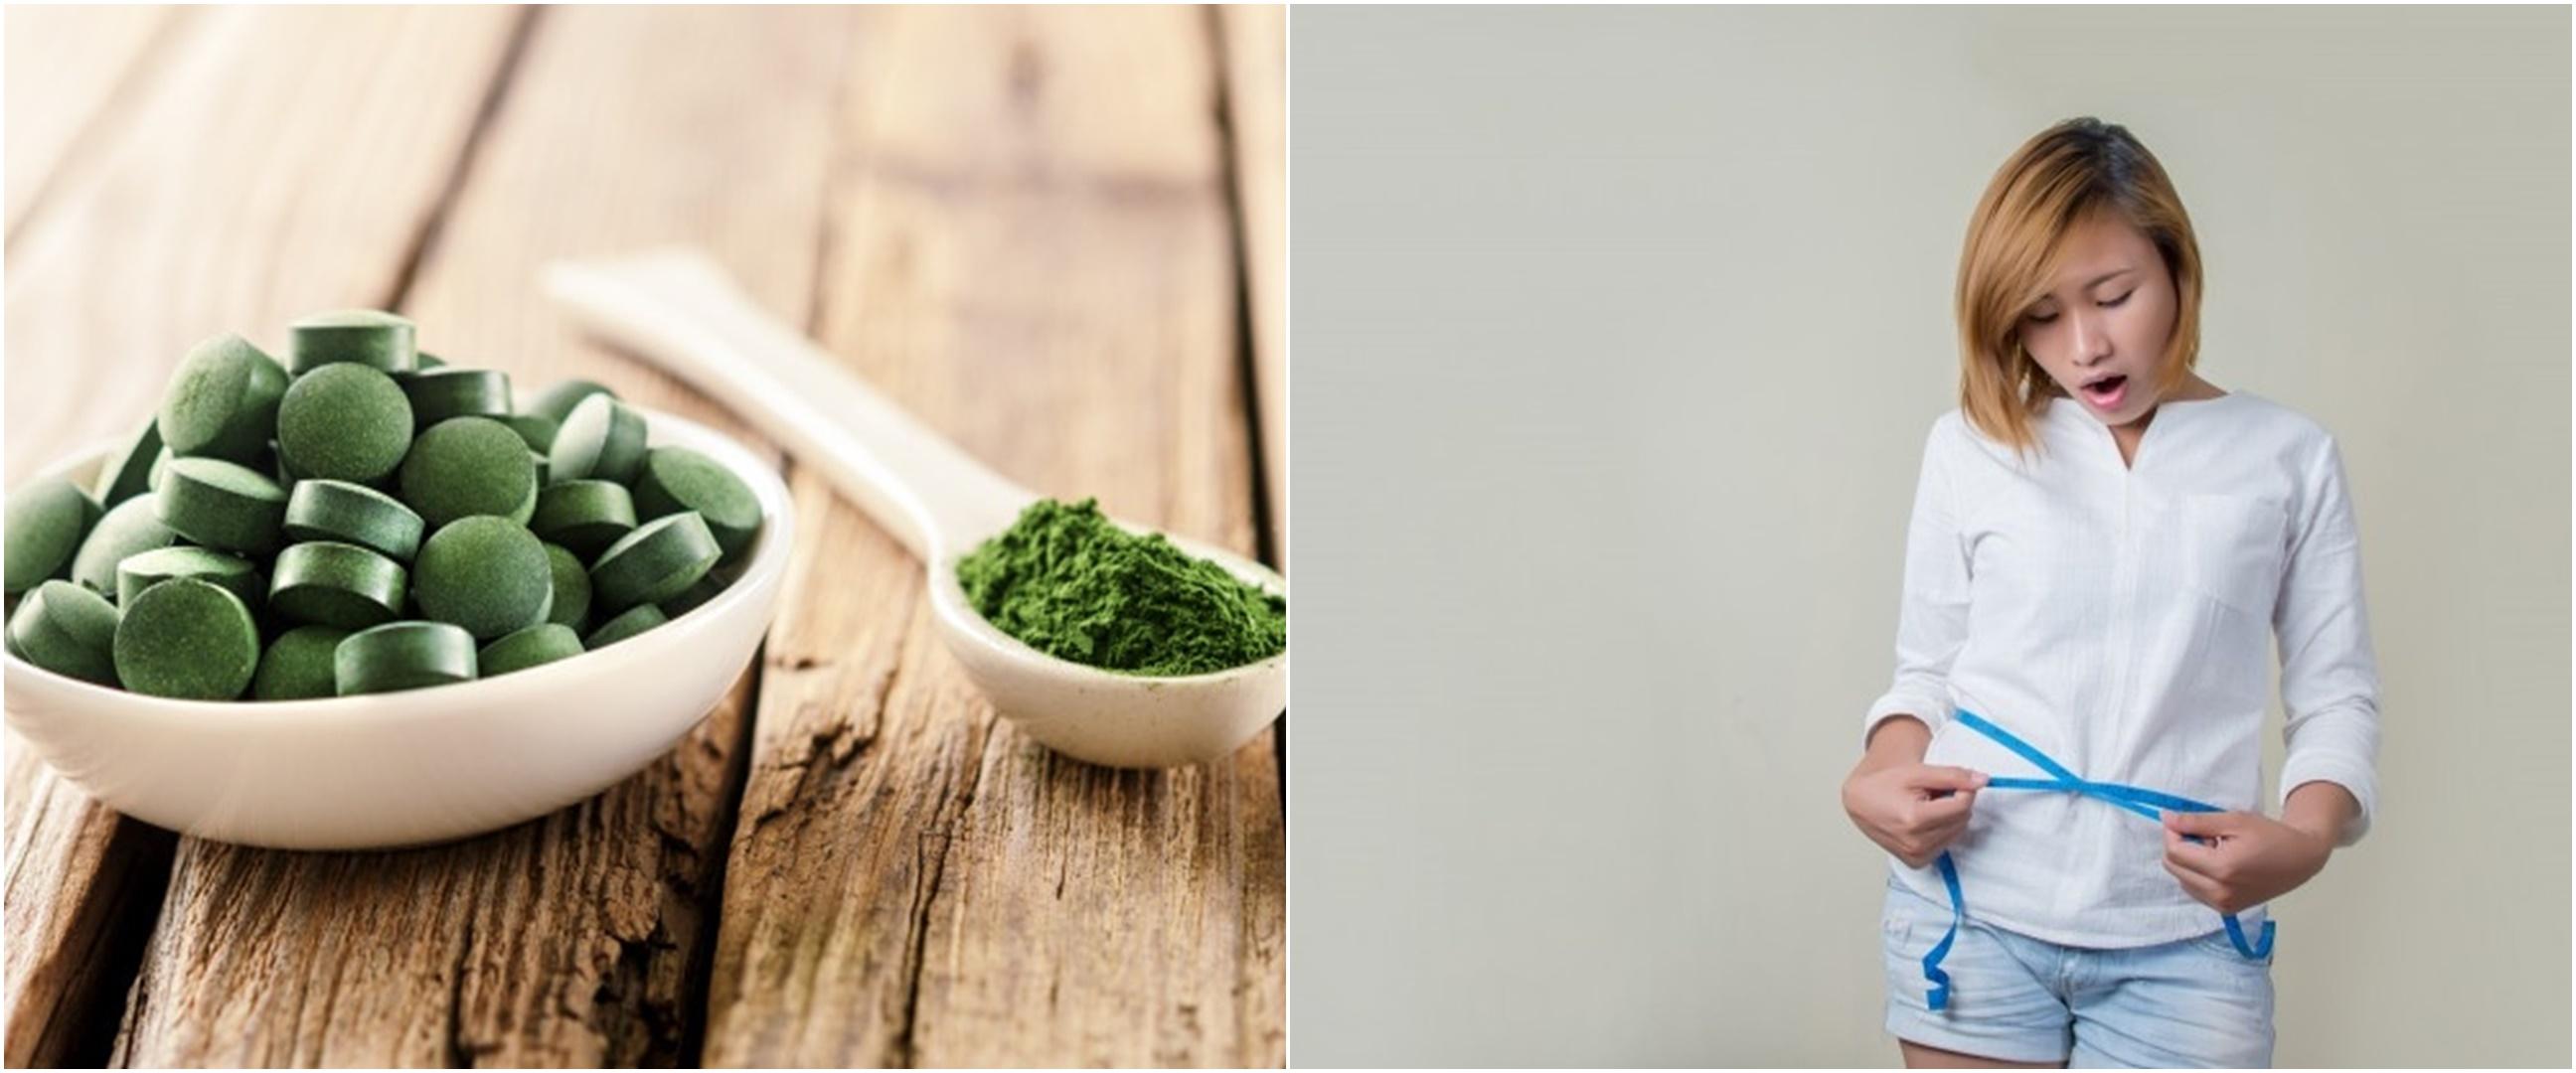 10 Manfaat spirulina untuk kesehatan, bisa turunkan berat badan